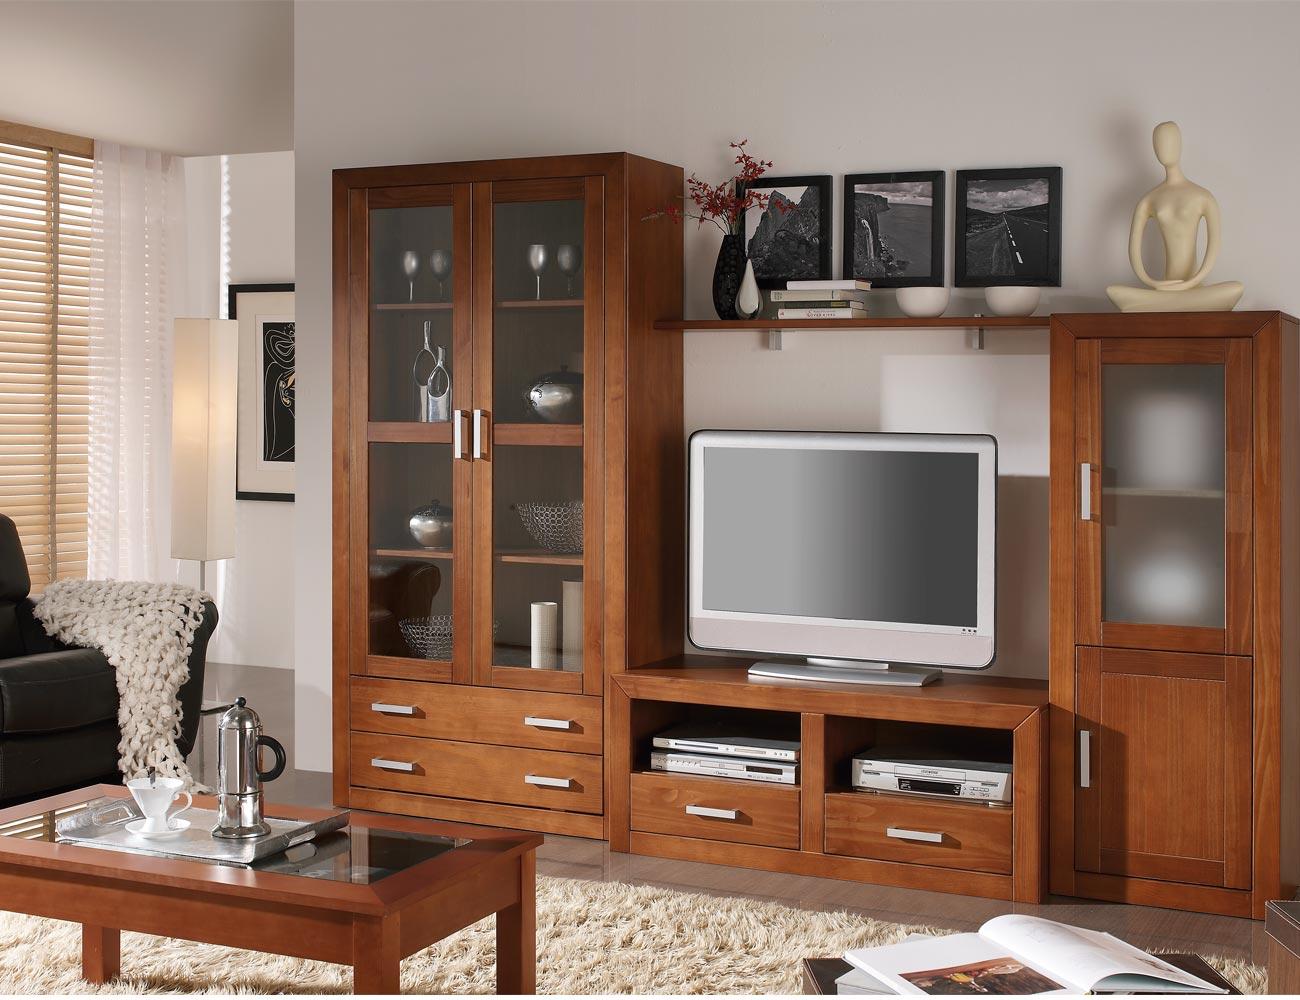 Muebles de sal n comedor estilo colonial en madera con - Muebles de salon modulares de madera ...